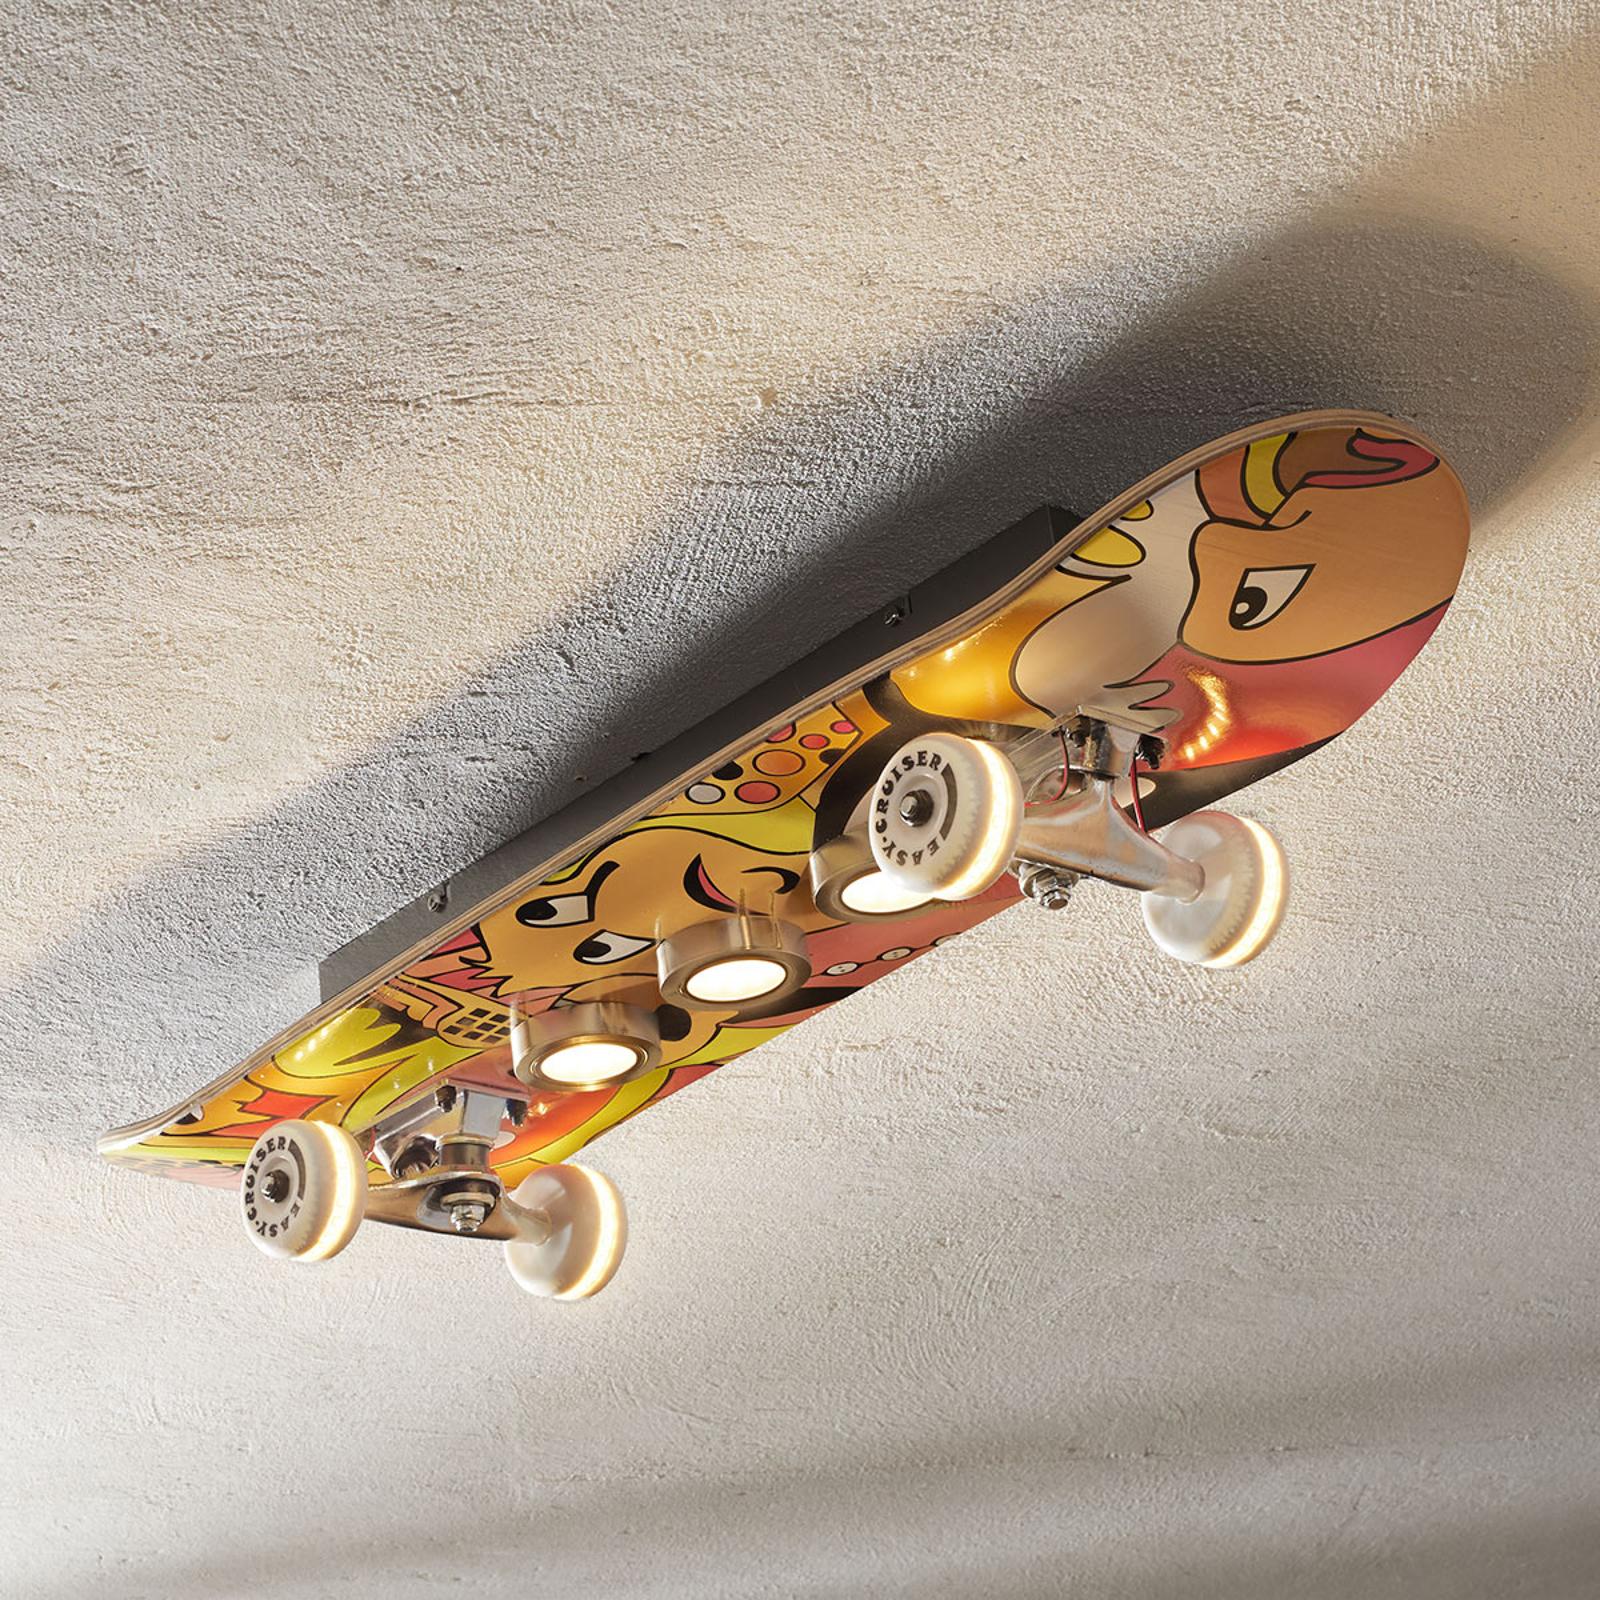 Loftlampe LED Easy Cruiser i skateboard look